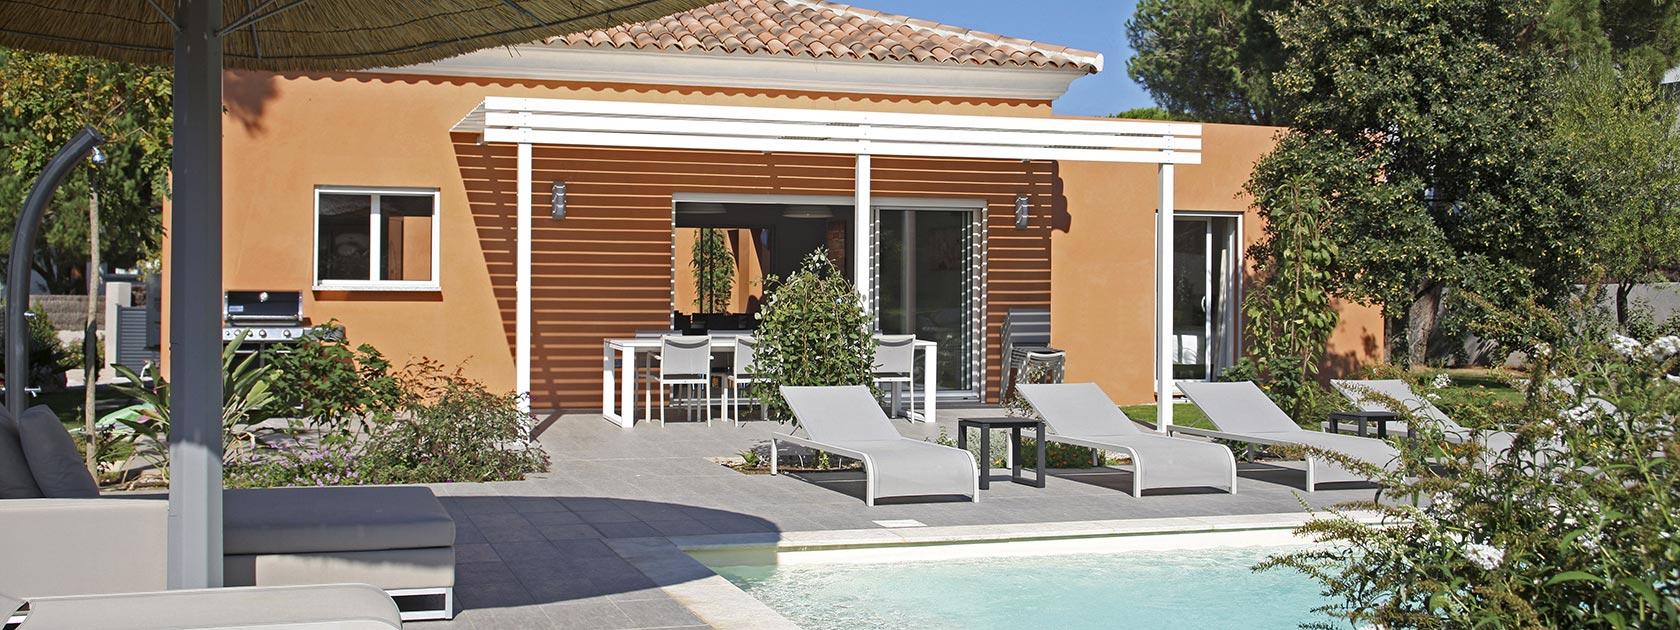 Location maison bordeaux louer une maison bordeaux for Location a bordeaux